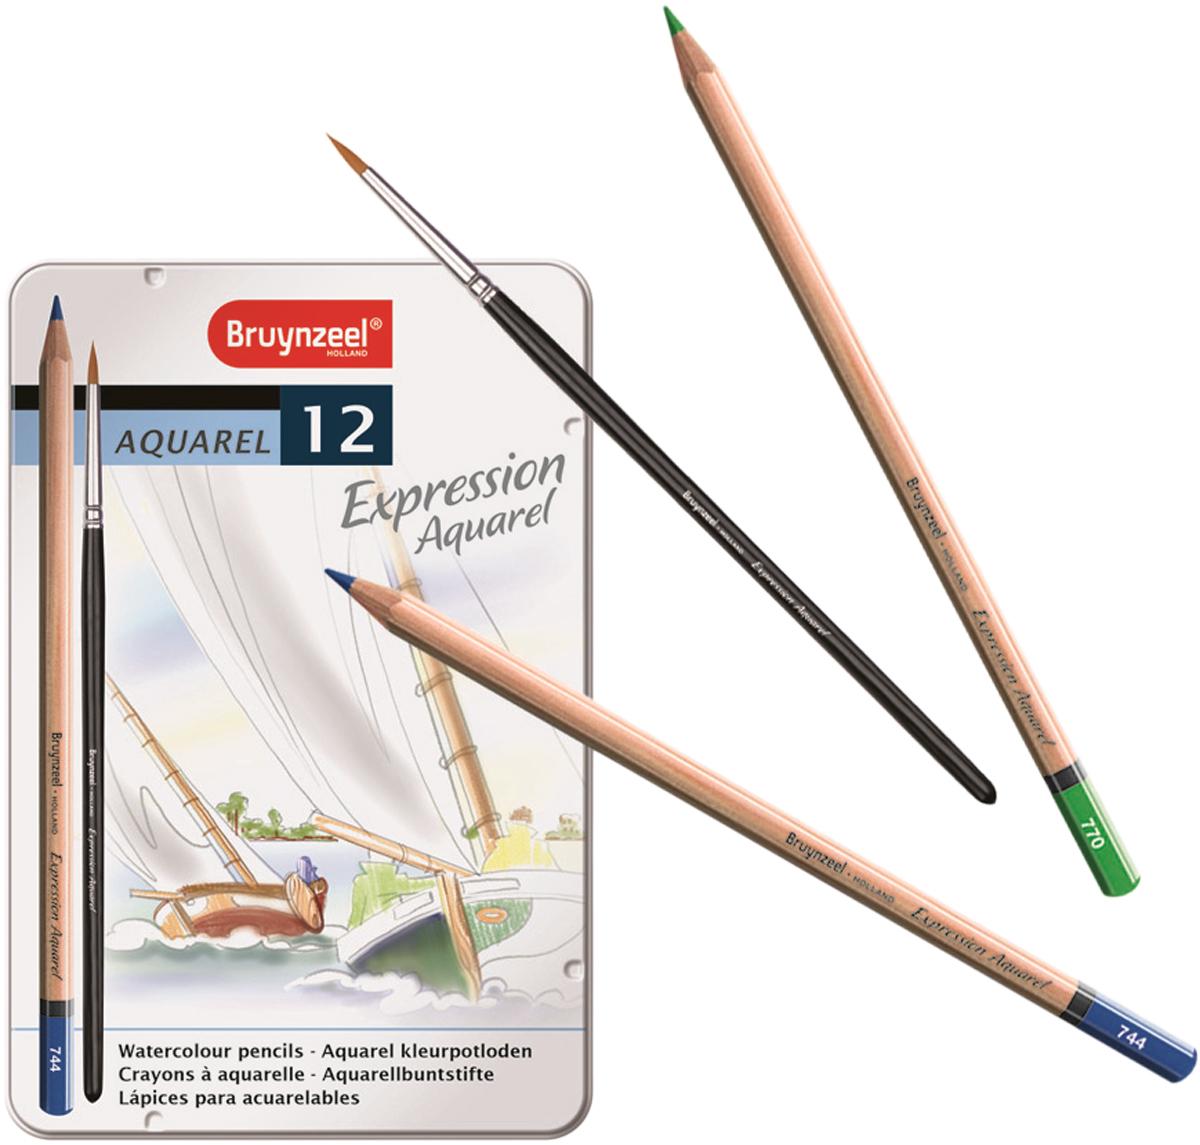 Bruynzeel Набор акварельных карандашей Expression Aquarel 12 цветов + кисть